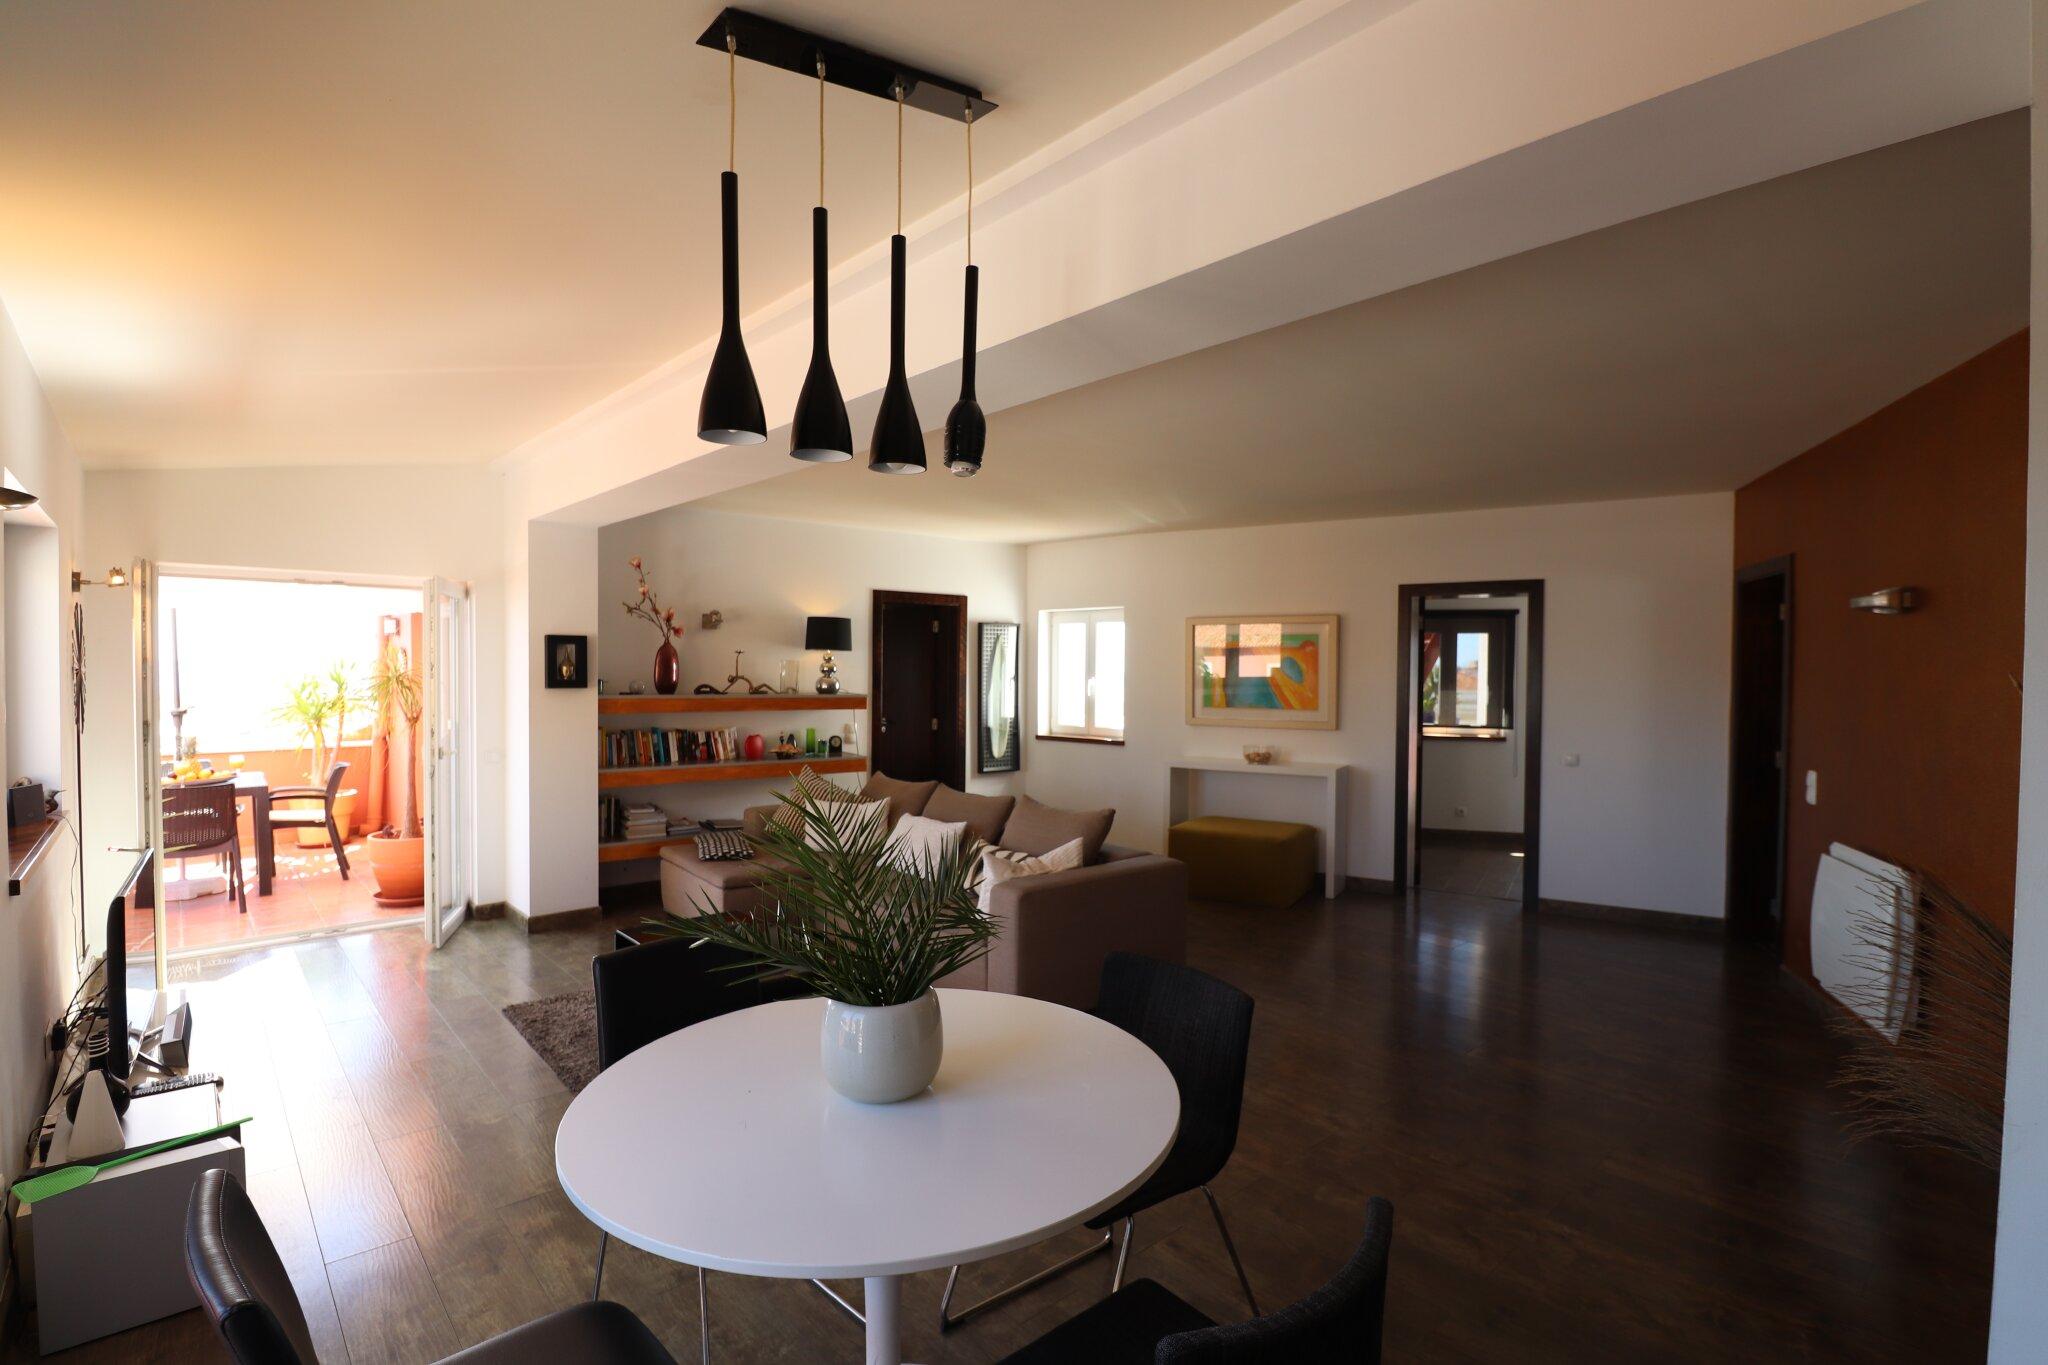 Wohnzimmer mit 2 Balkon Zugängen